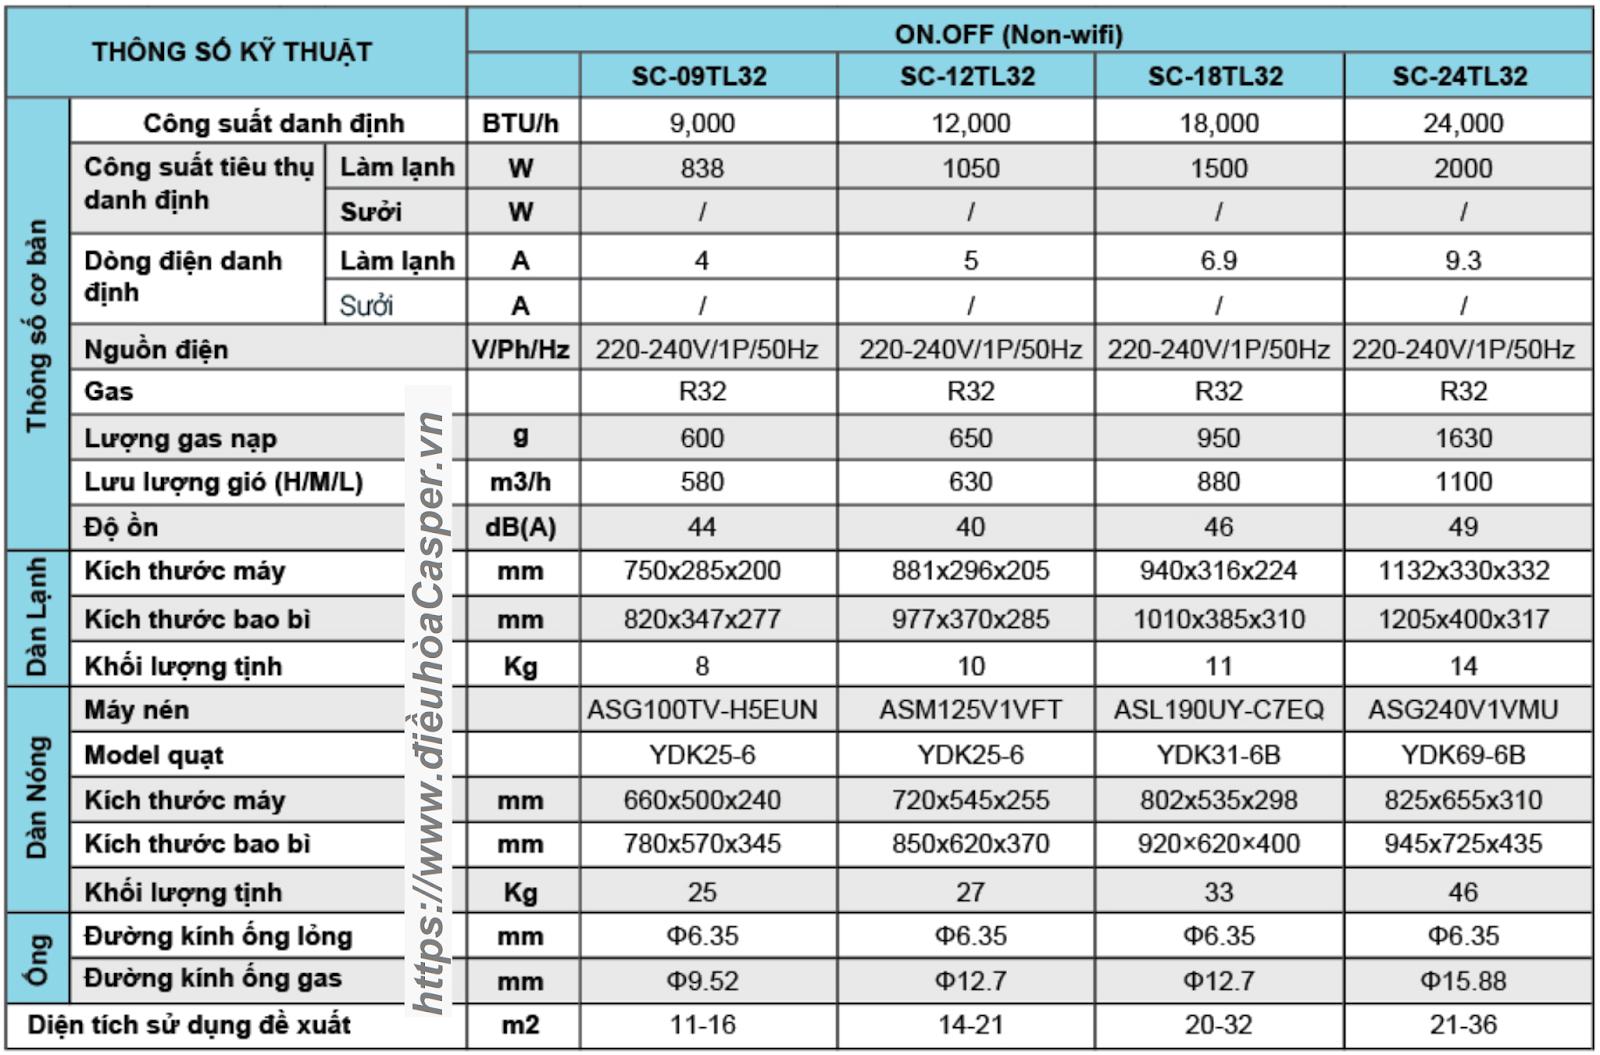 THÔNG SỐ KỸ THUẬT ĐIỀU HÒA CASPER 18000BTU 1 CHIỀU SC-18TL32